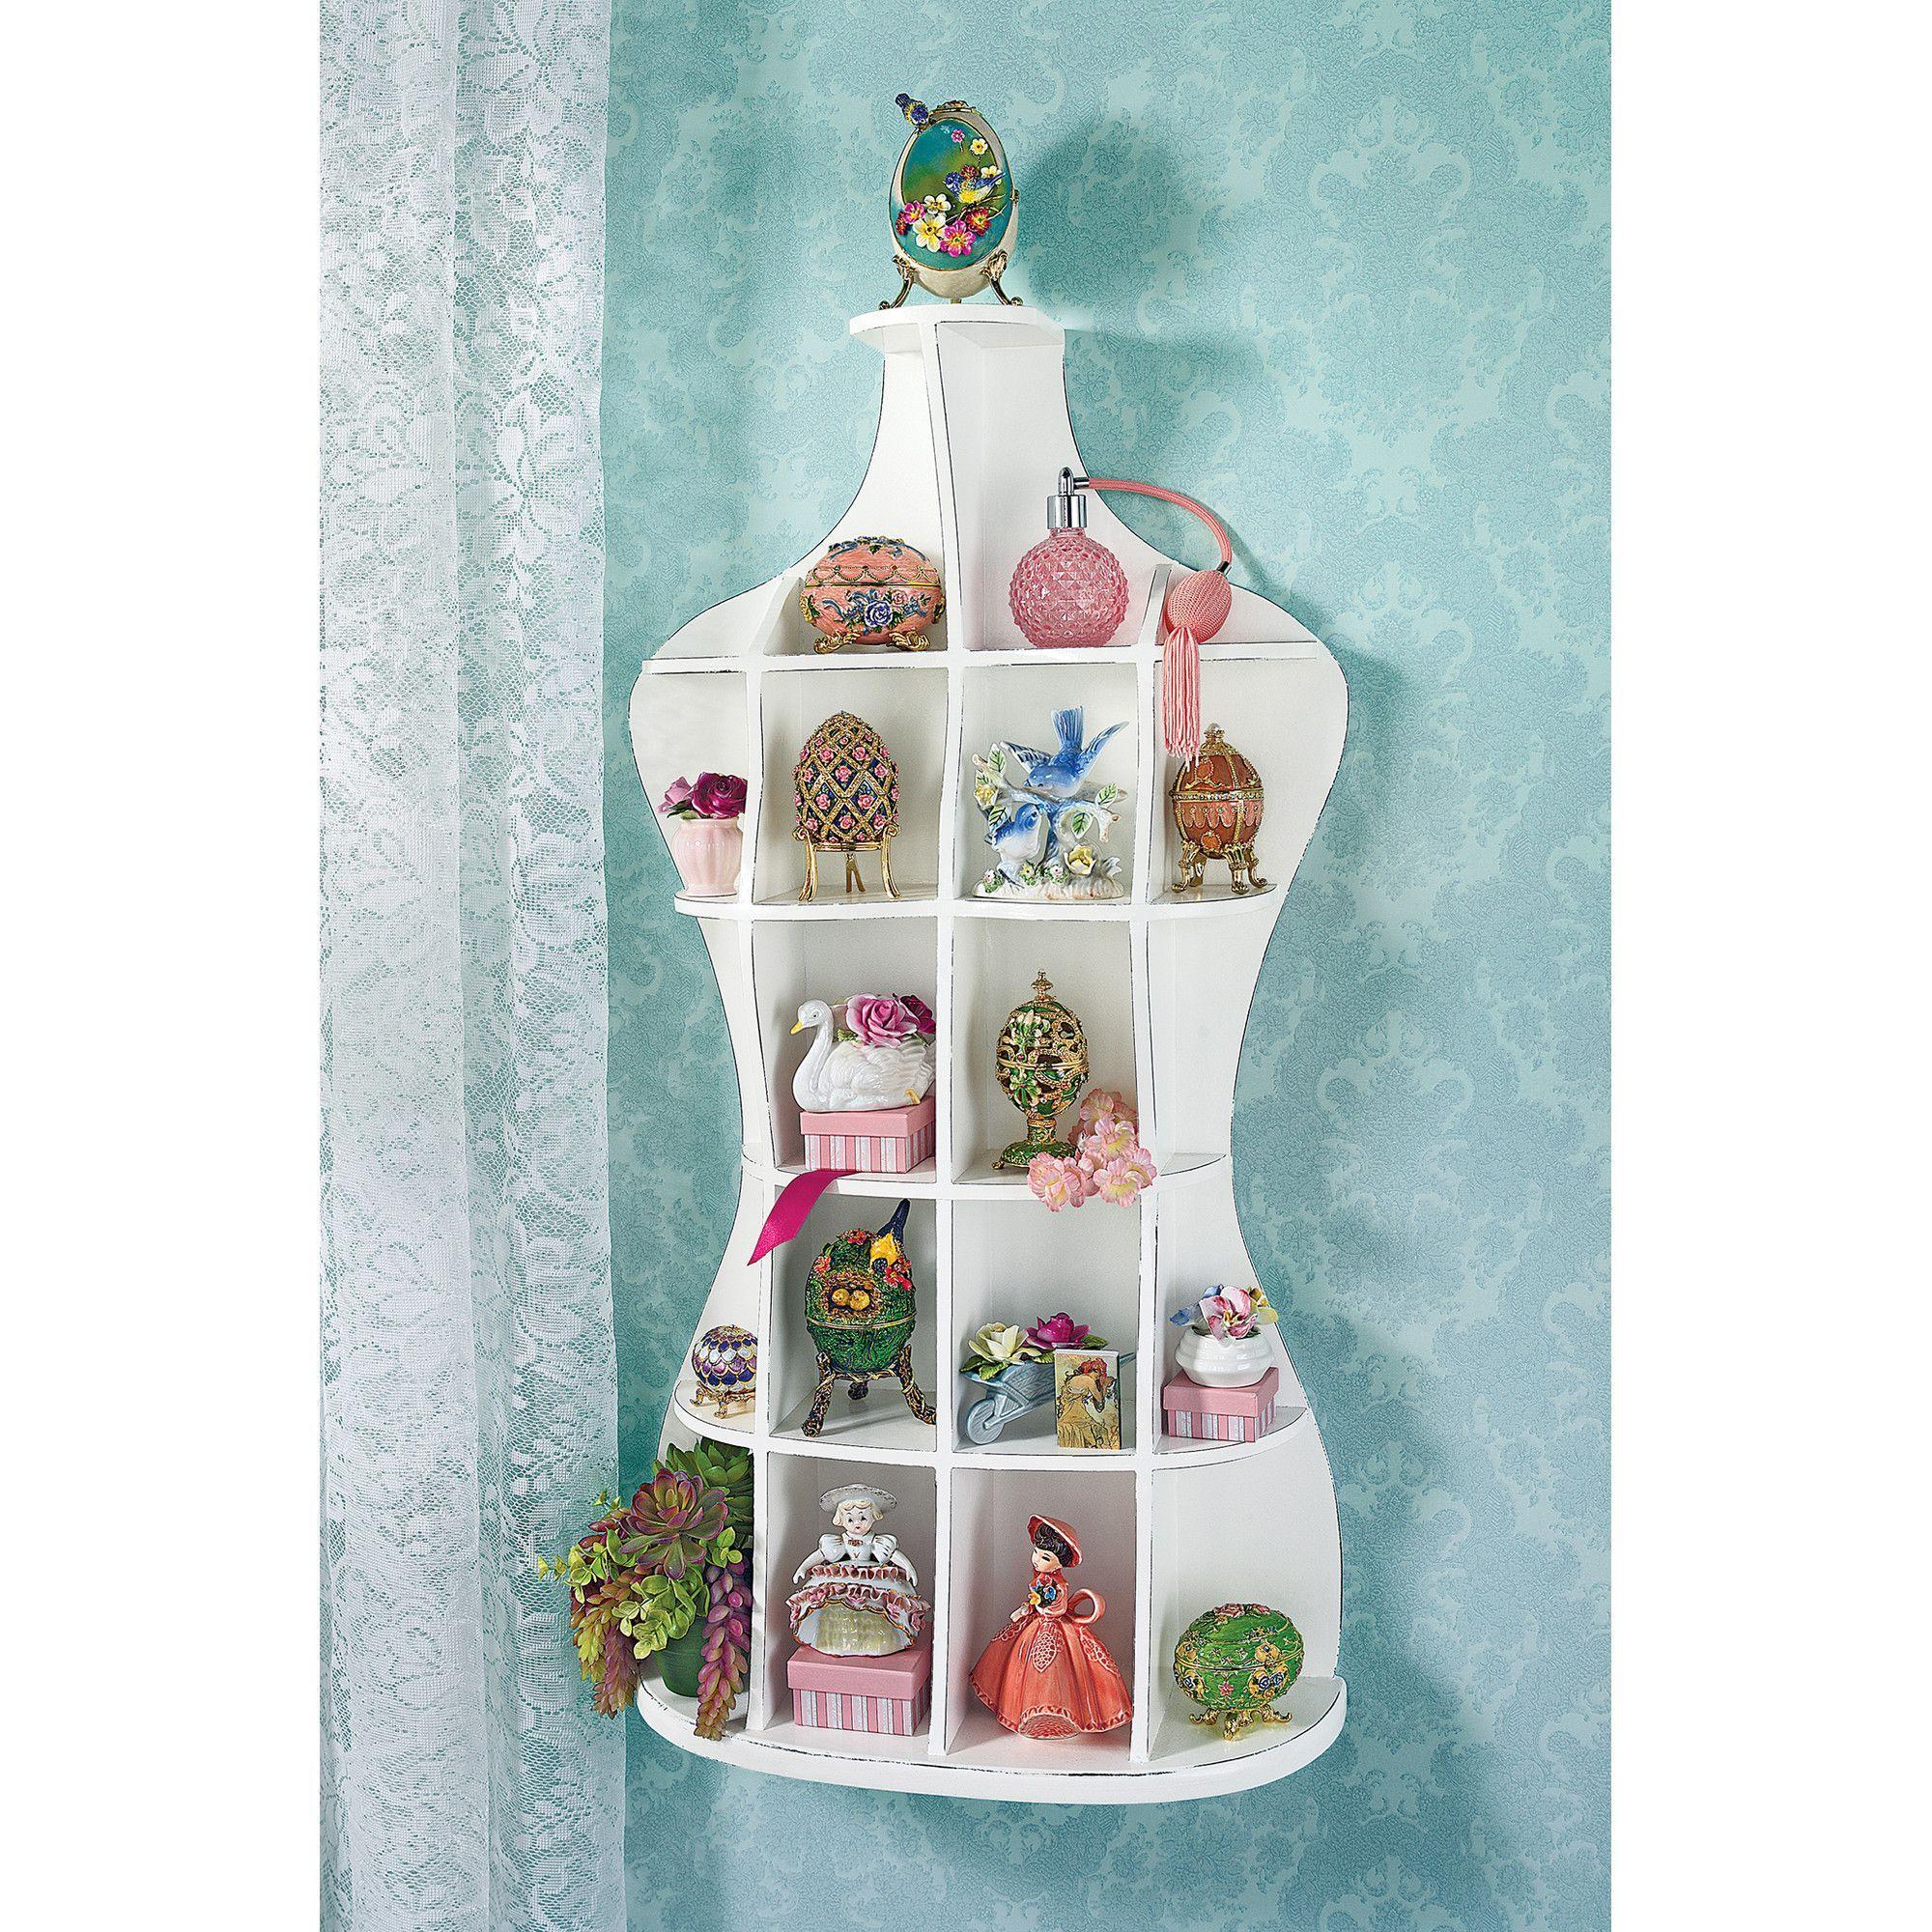 Dressmakers Mannequin Shelf